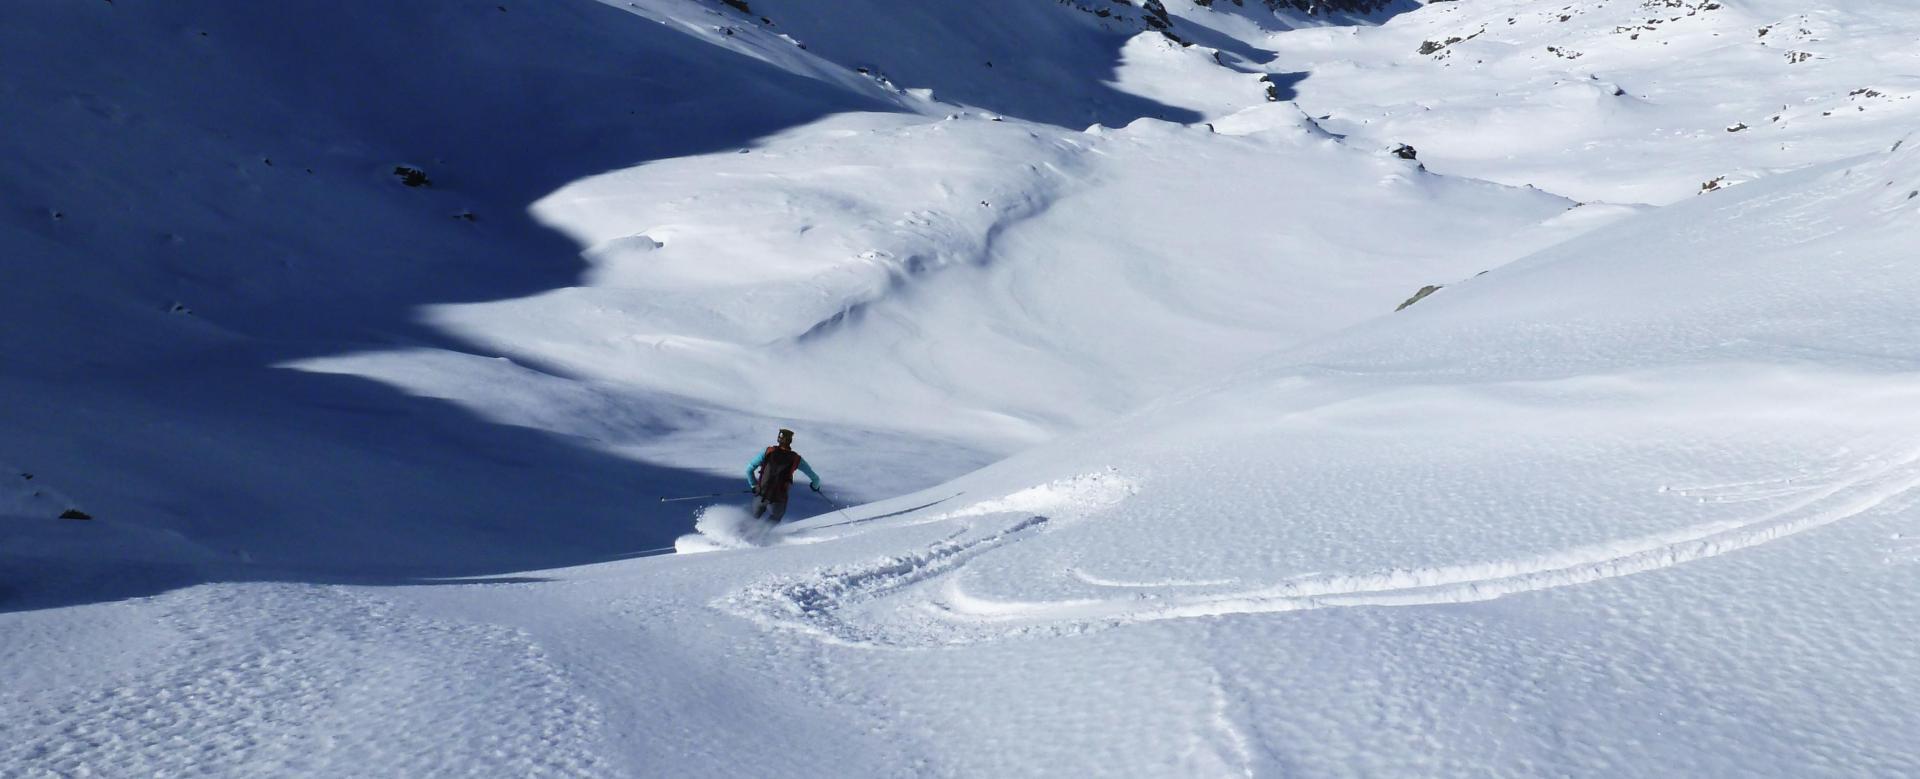 Voyage à la neige : Découverte du massif du viso